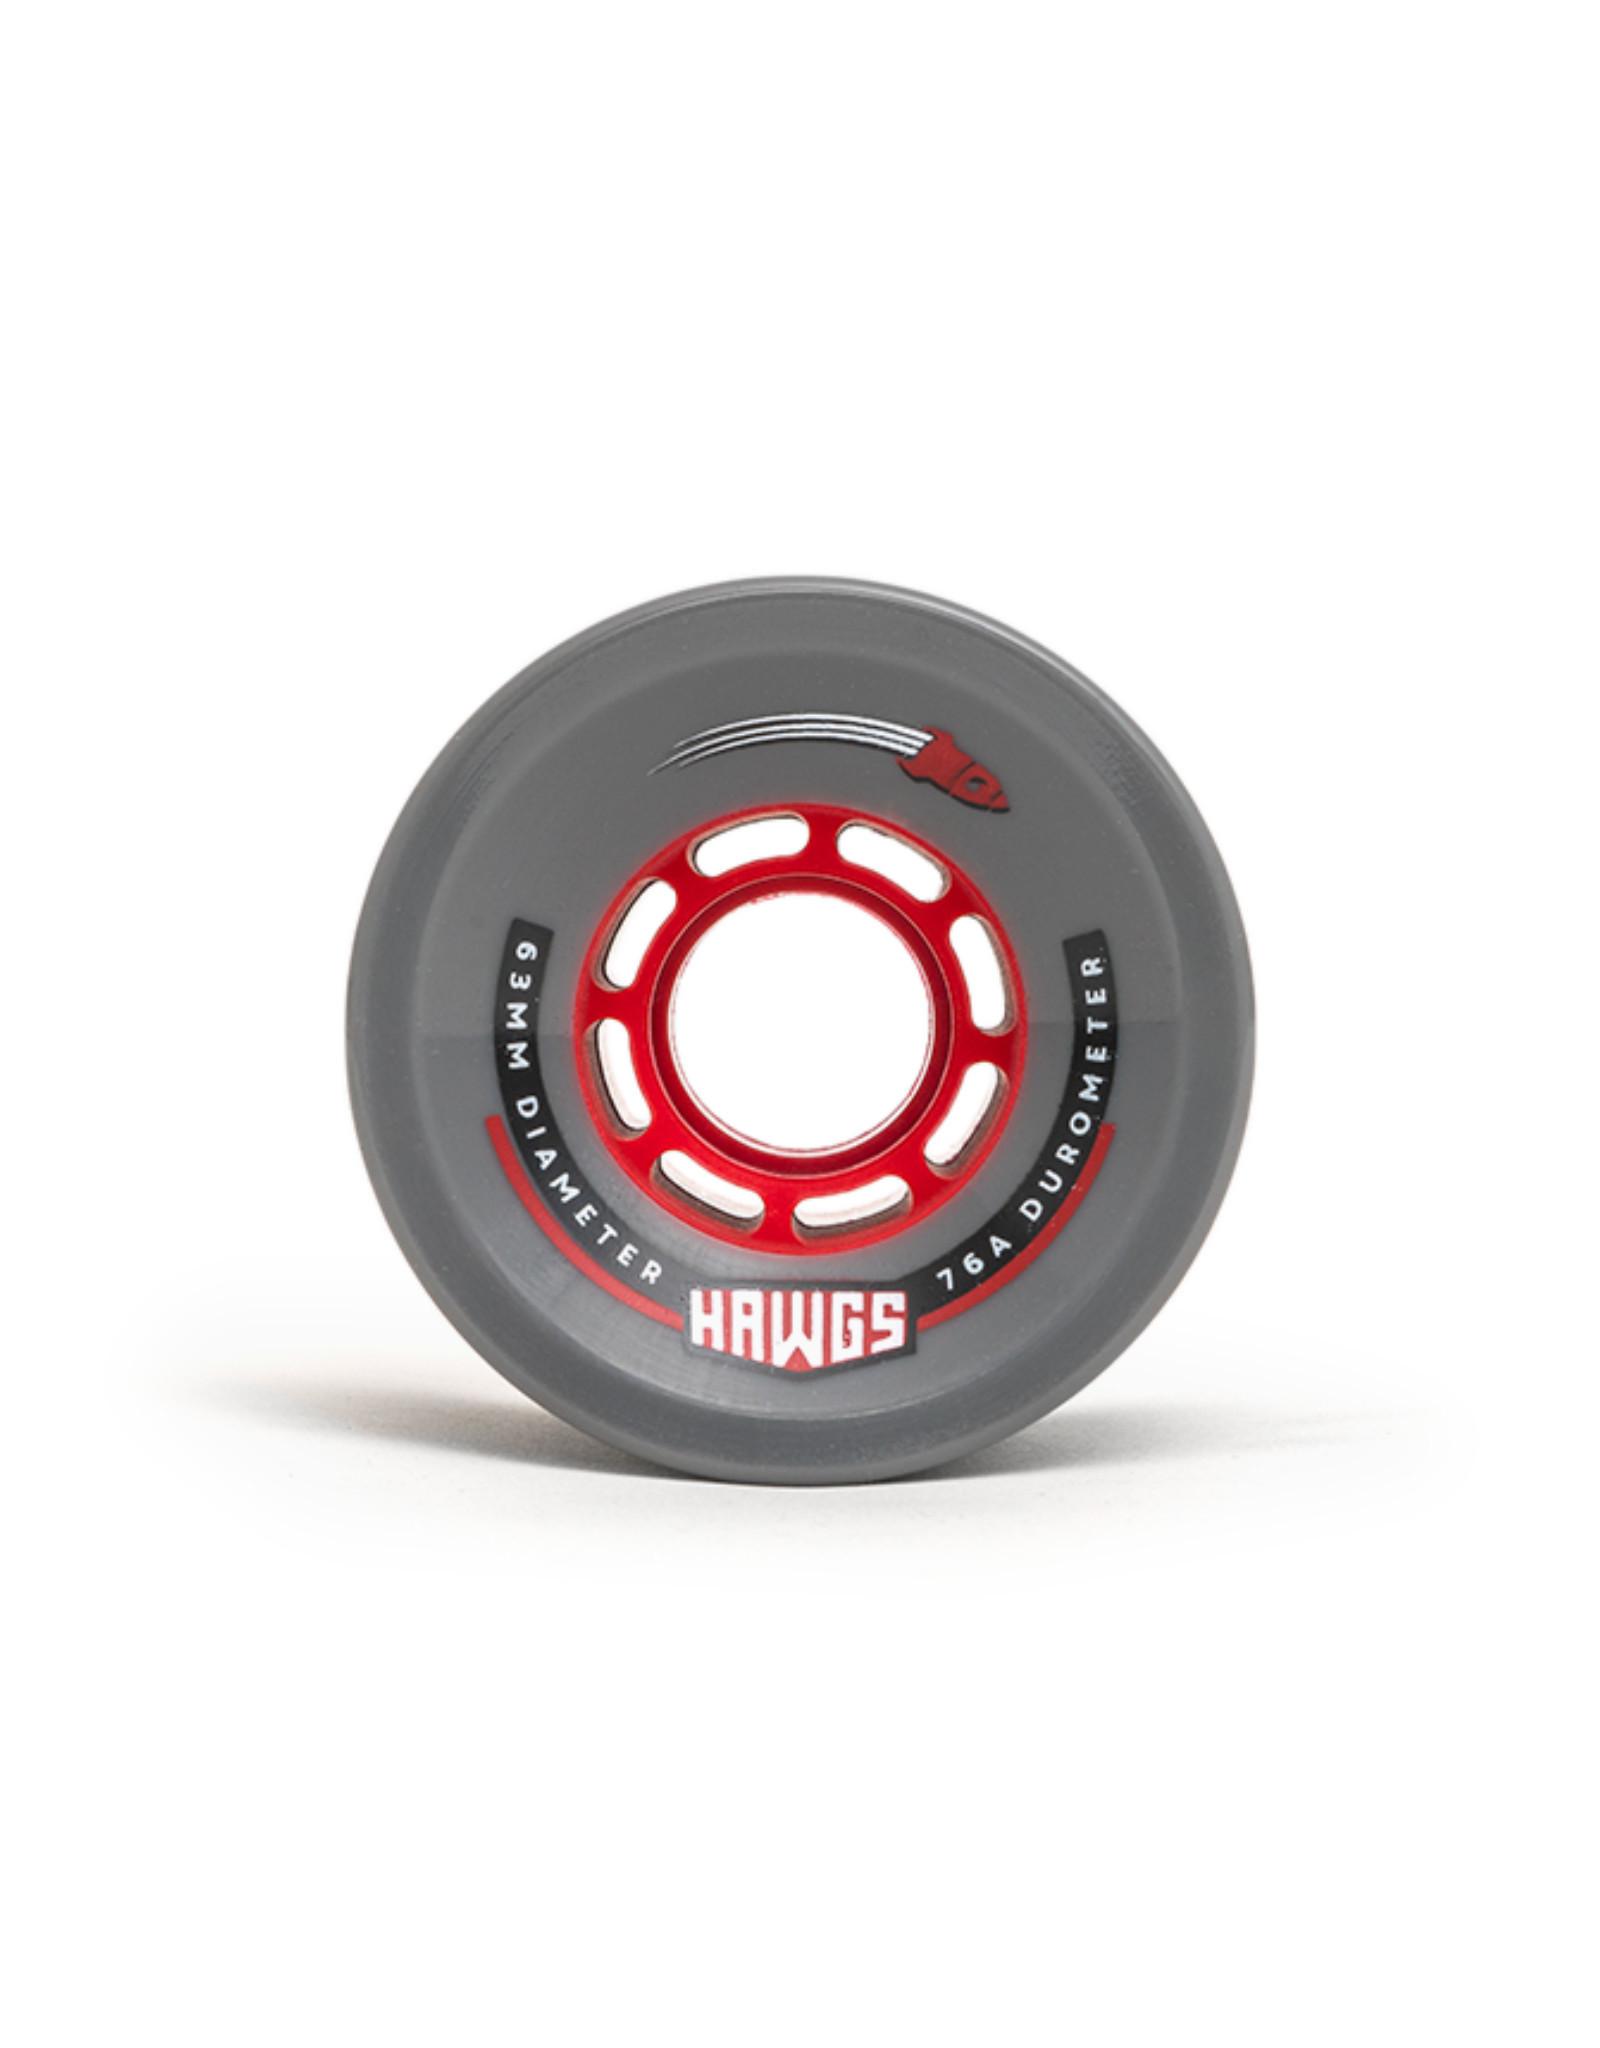 Hawgs Wheels Hawgs Rocket Wheels 63 mm 76A Grey Set of 4